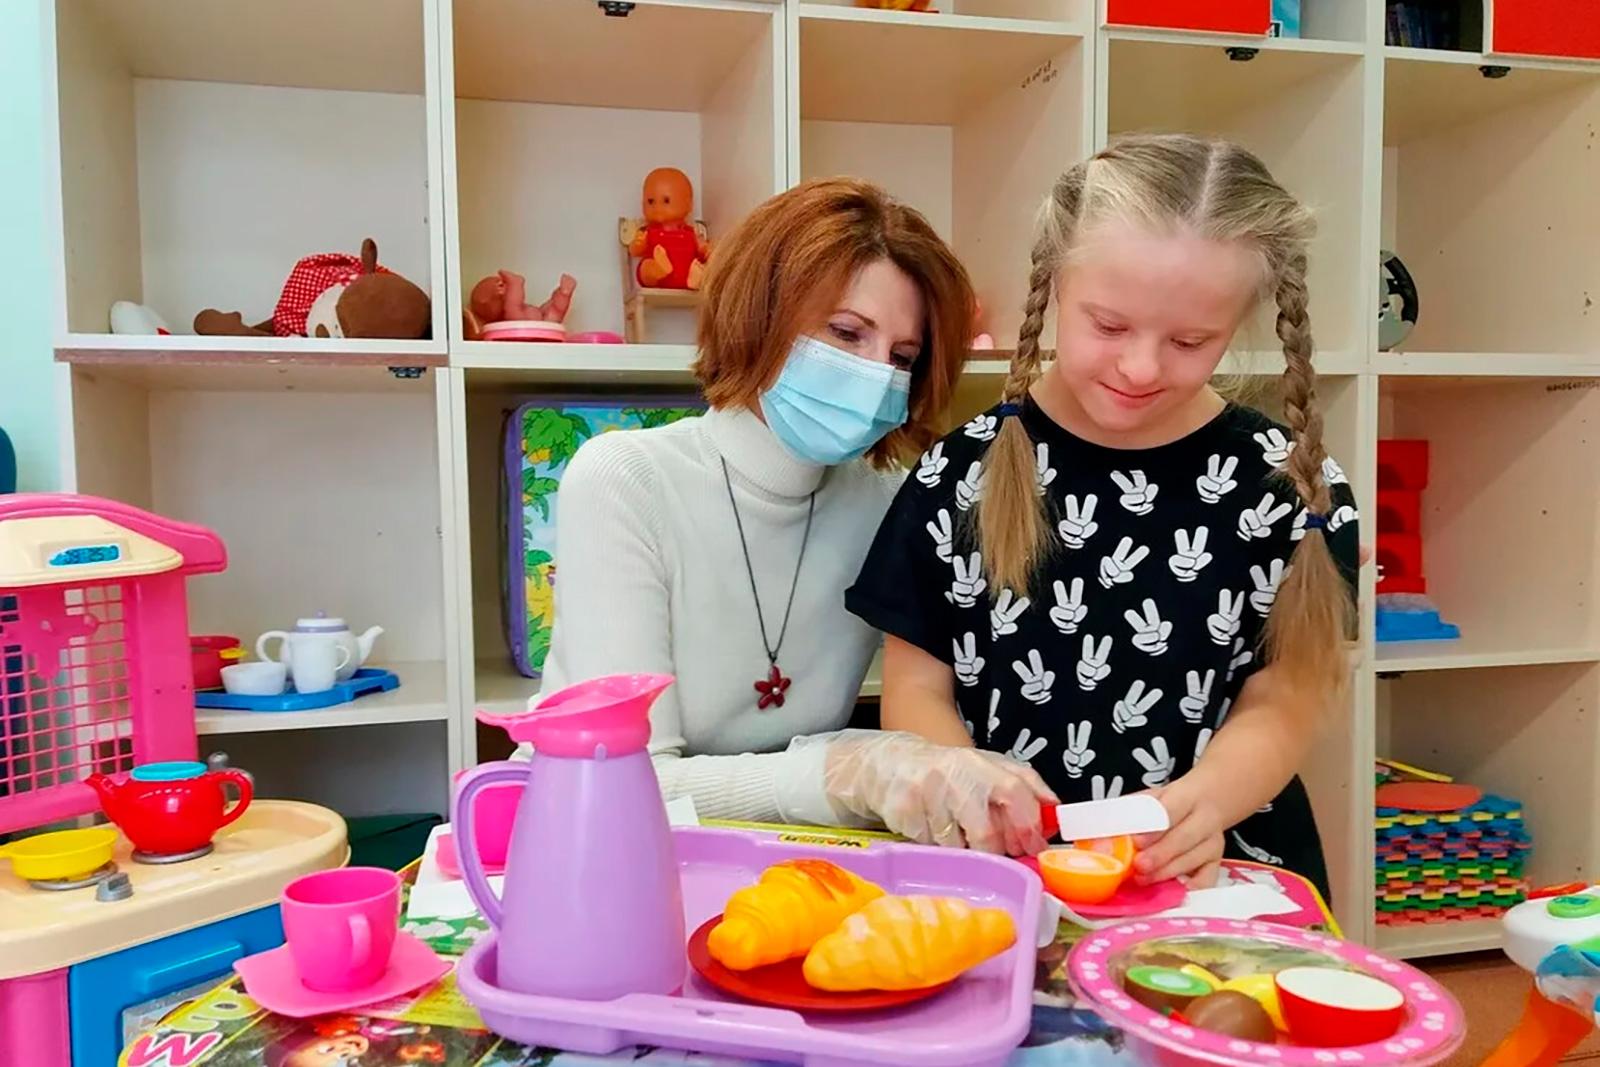 Евгений Стружак поздравил сотрудников московских реабилитационно-образовательных центров идругих социальных учреждений для детей сДнем Учителя